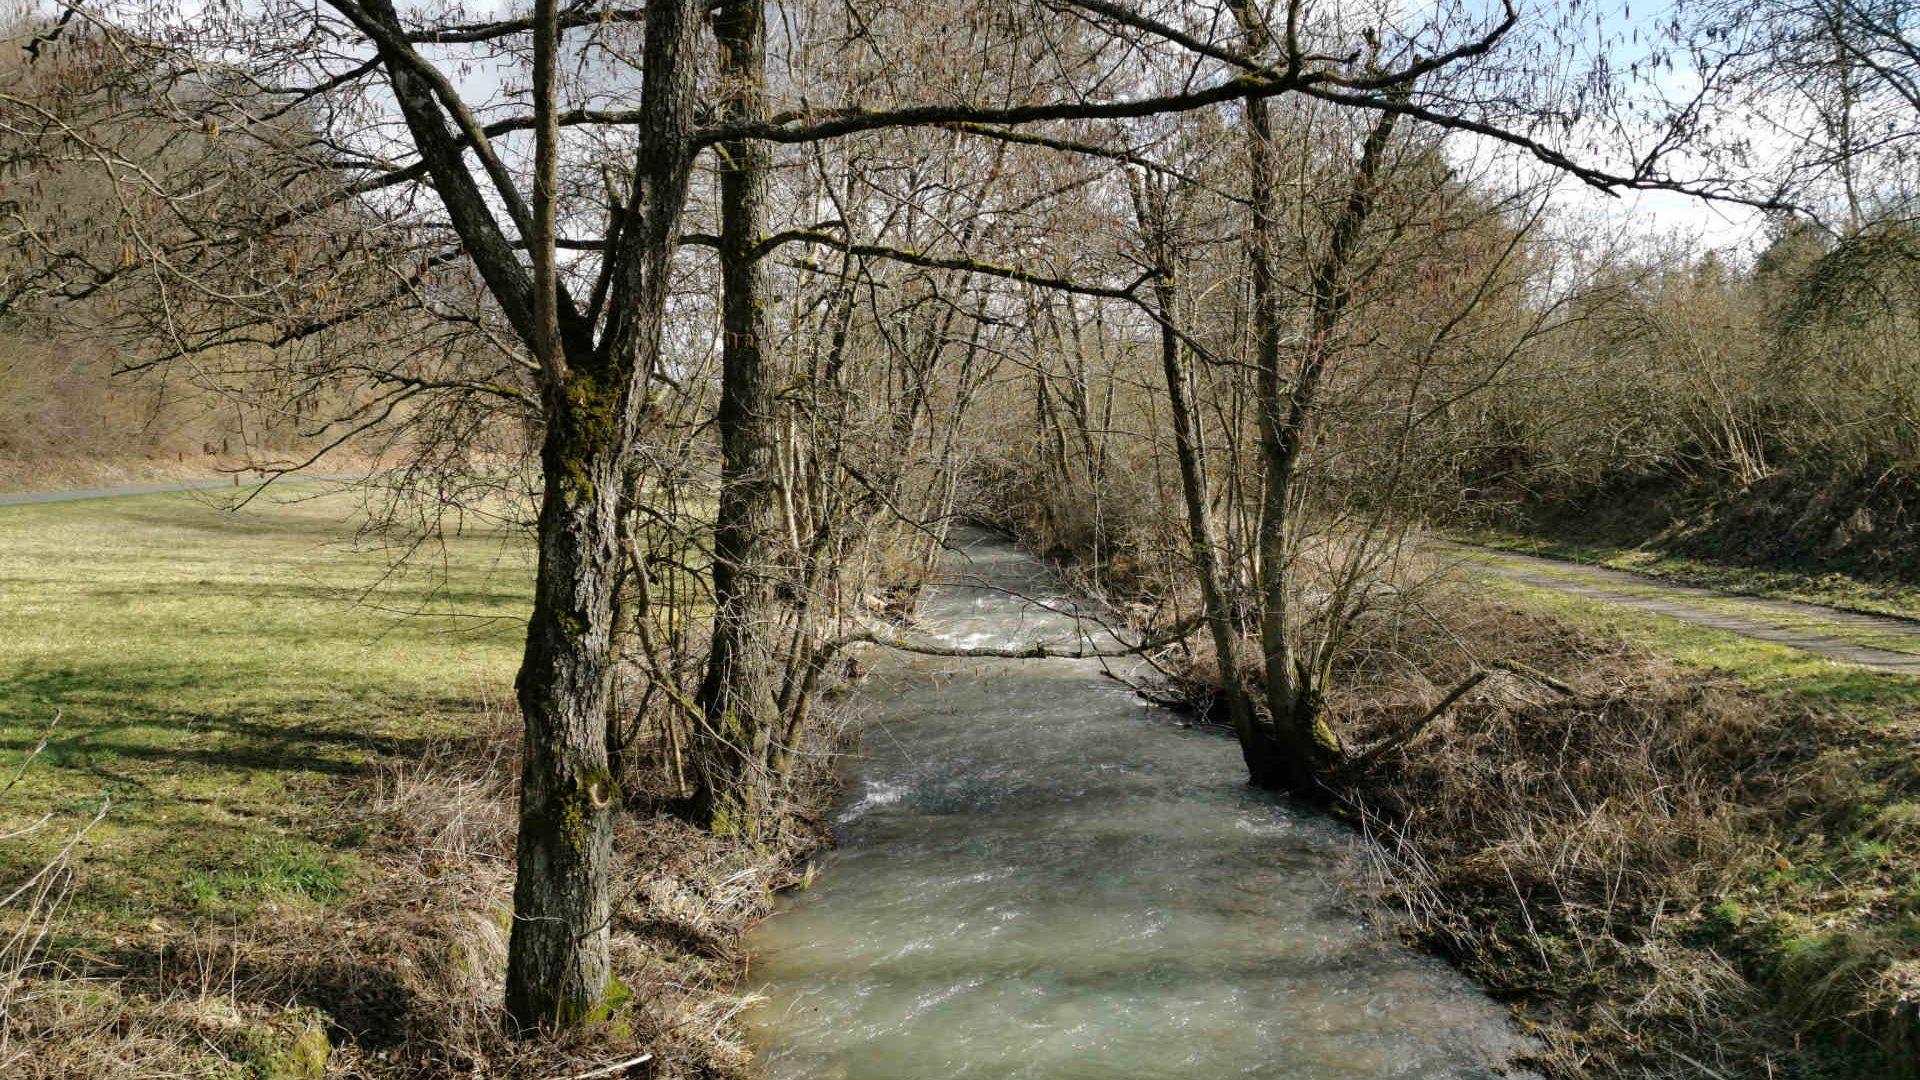 Ferienhaus Landhaus-Loogh-Umgebung Niederehe Frühjahrswasser